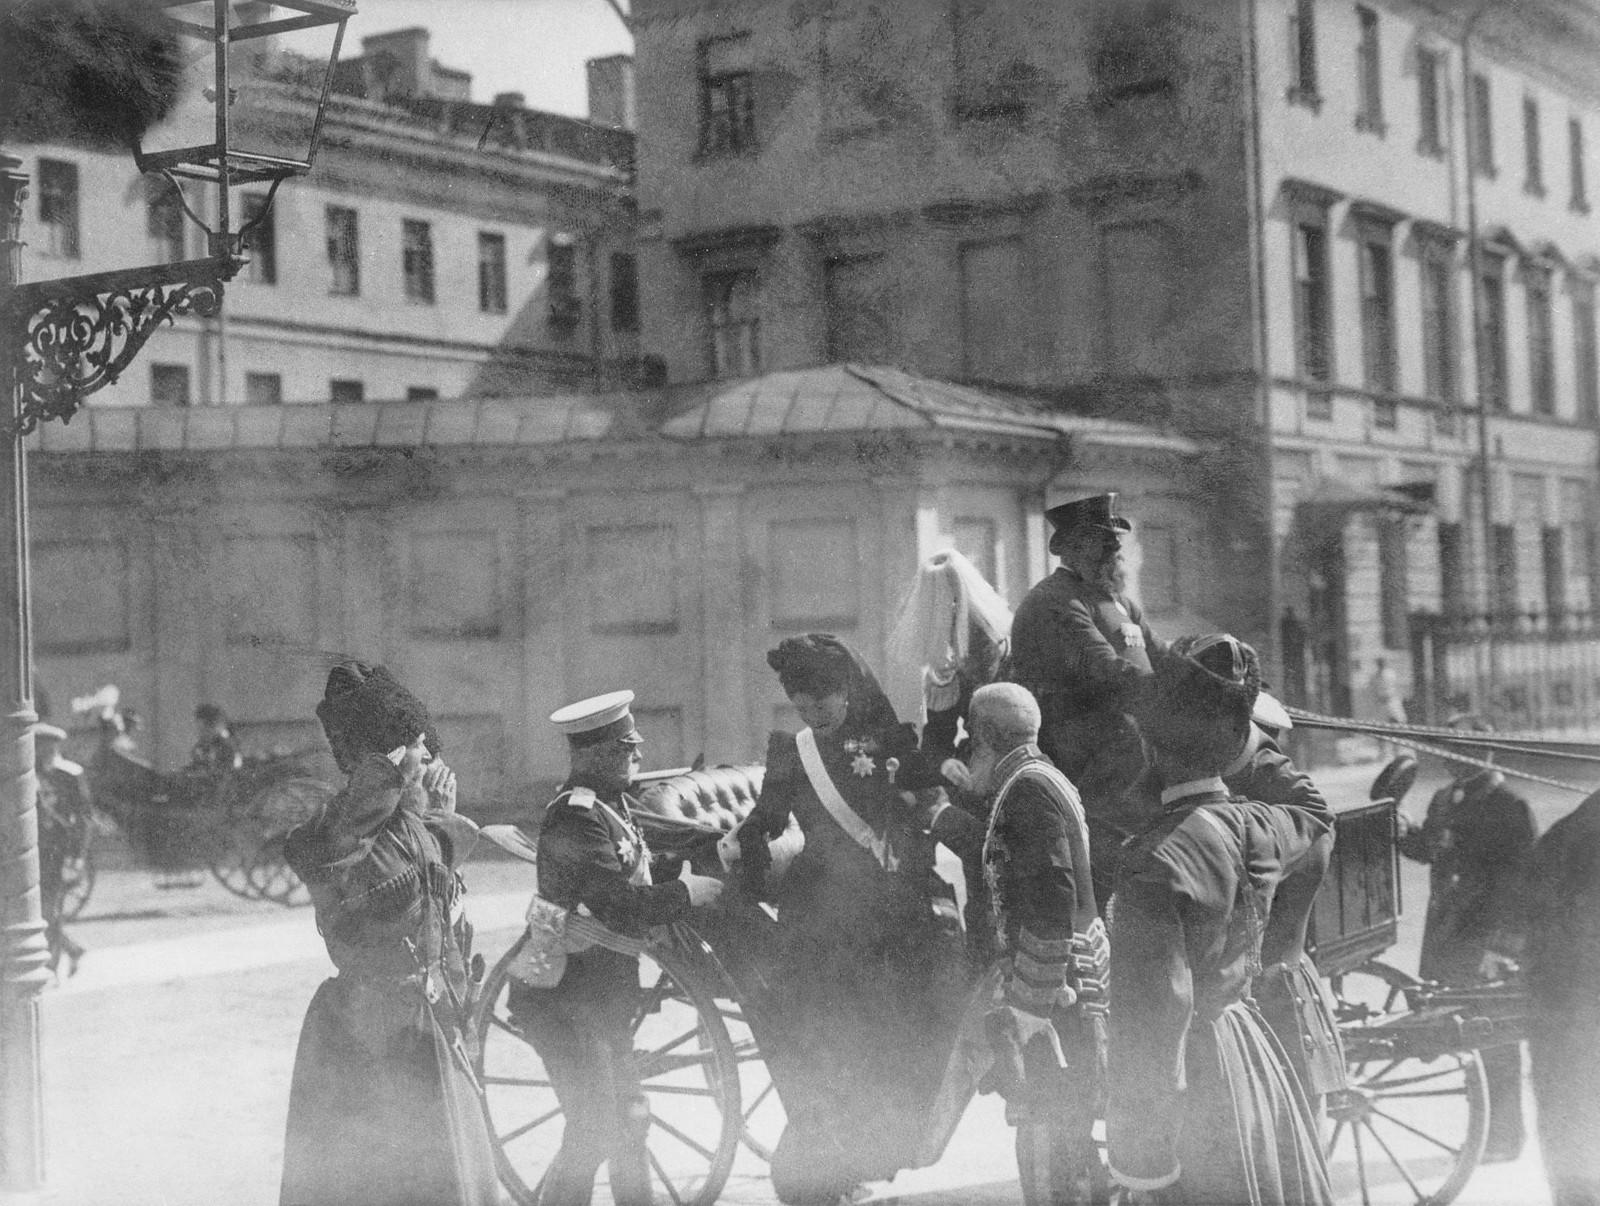 1901. Приезд императорской четы на службу в память о почившей Виктории-Аделгейде-Марии-Луизе, вдове немецкого императора Фридриха III в лютеранской кирхе Санкт-Петербурга